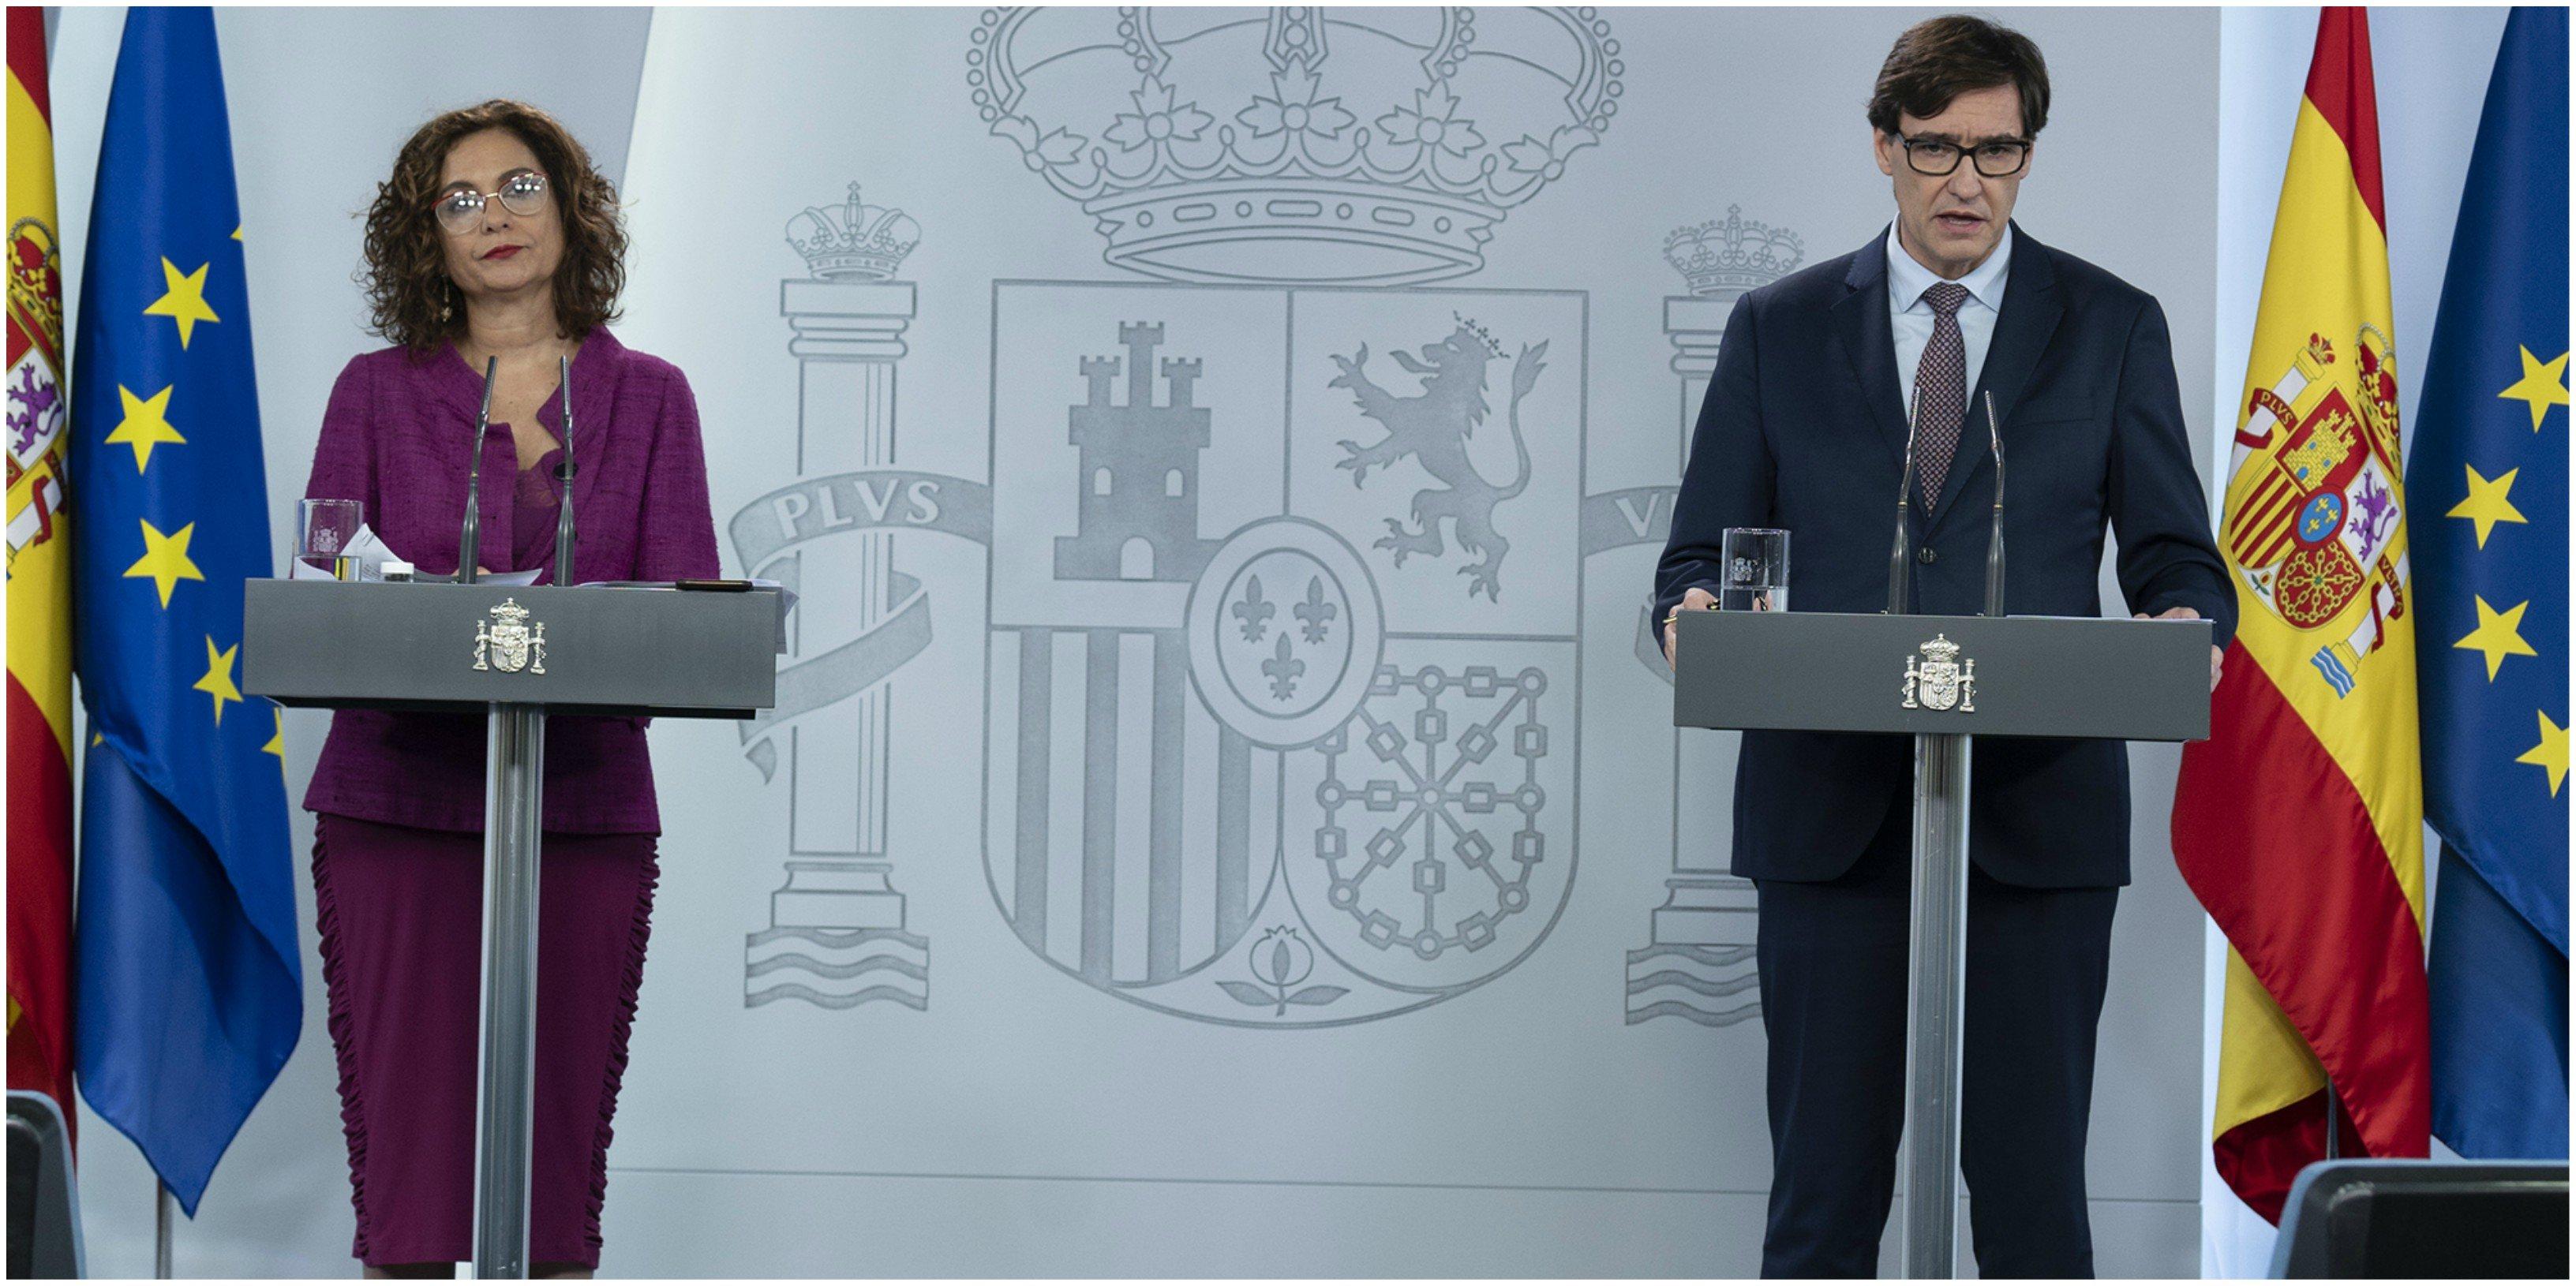 """Consejo de Ministros. Reducir el número de políticos o sus sueldos es """"populismo"""", según Montero"""